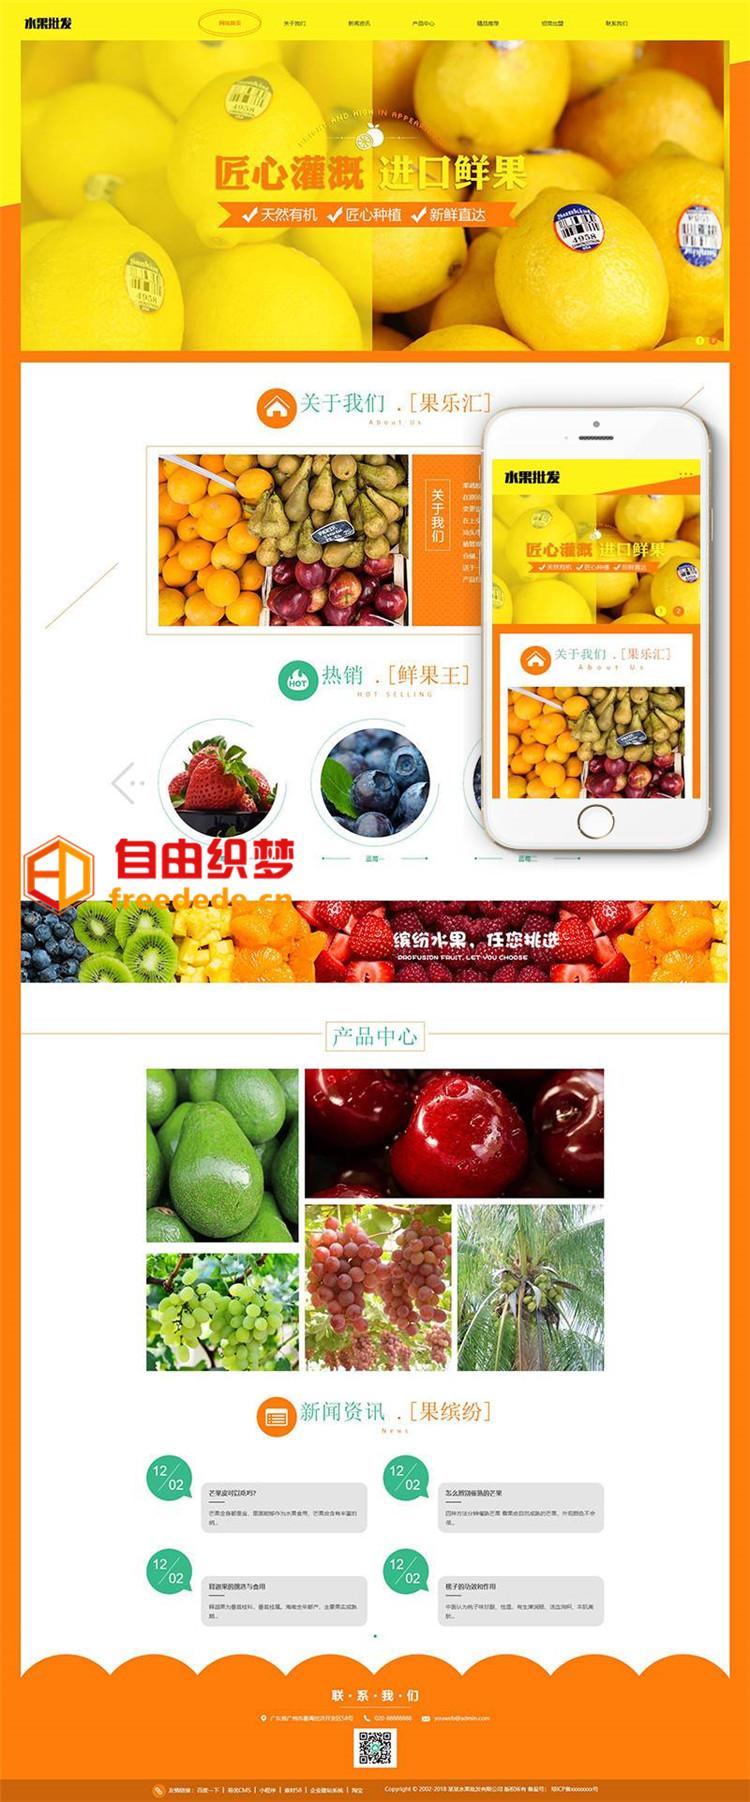 爱上源码网文章dedecms模板下载 响应式蔬菜水果批发类网站织梦模板(自适应手机端)的内容插图